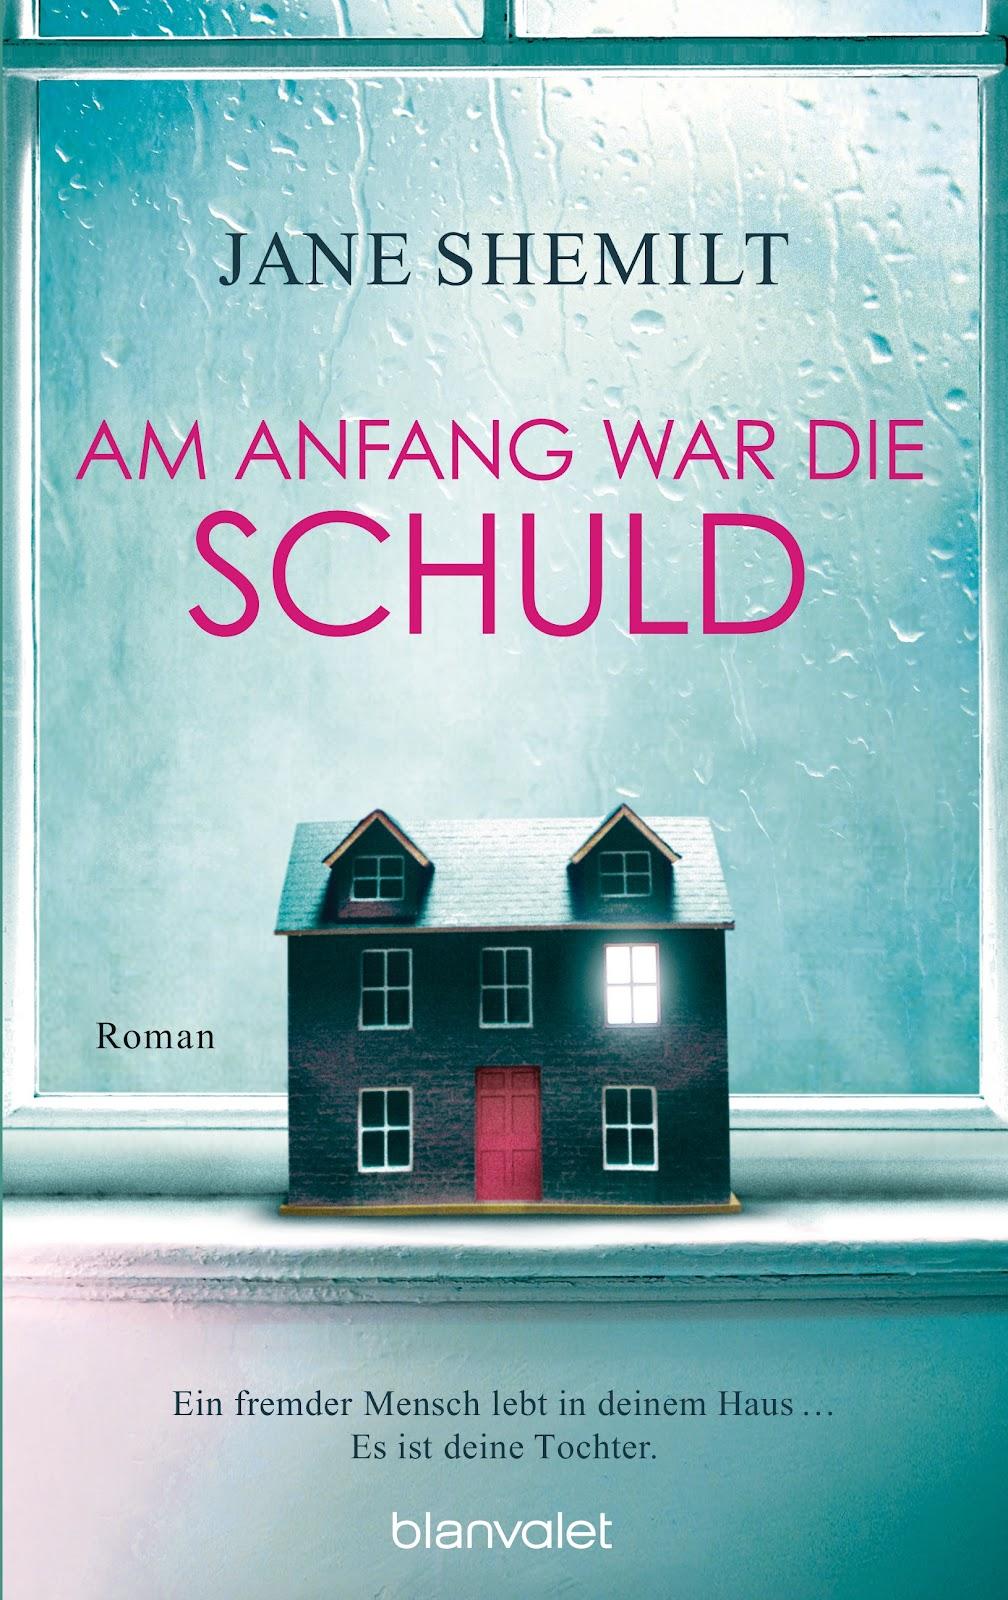 http://www.randomhouse.de/Paperback/Am-Anfang-war-die-Schuld/Jane-Shemilt/e470873.rhd